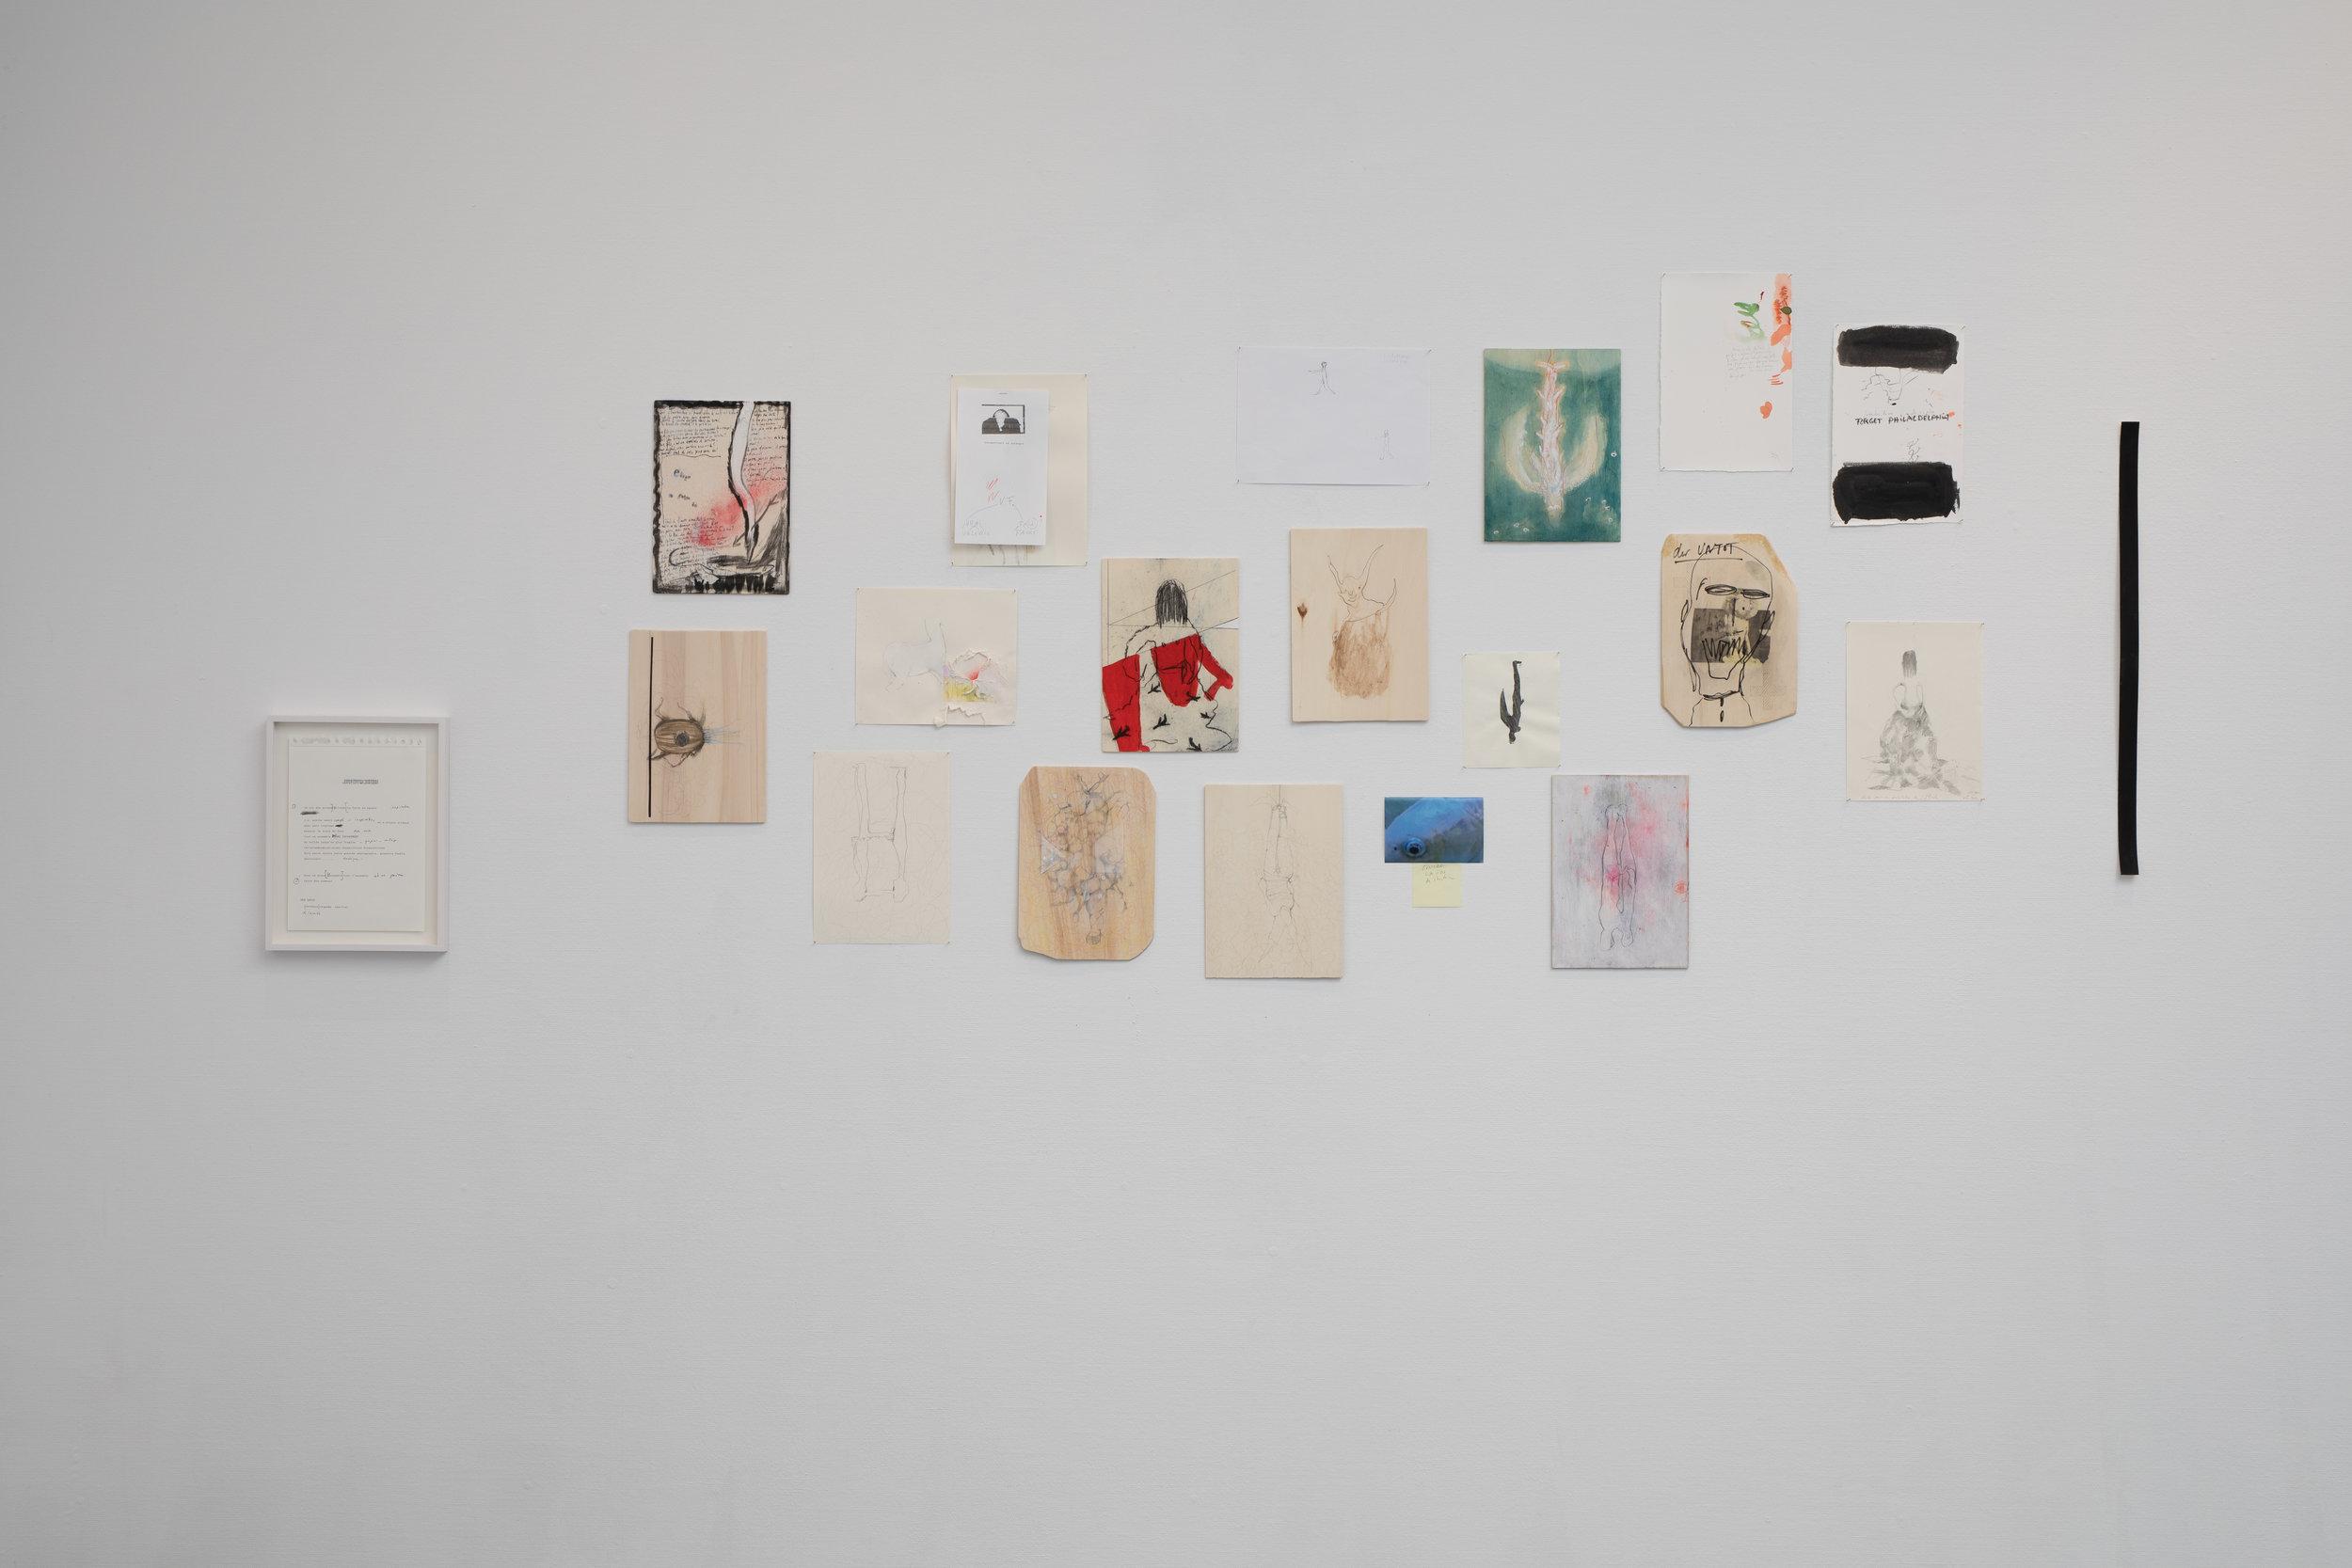 © Valérie Favre, Installation poétique unique composée de 20 dessins et inspirée d'Antonin Artaud, J.W. Goethe et Nancy Spero, 2019.